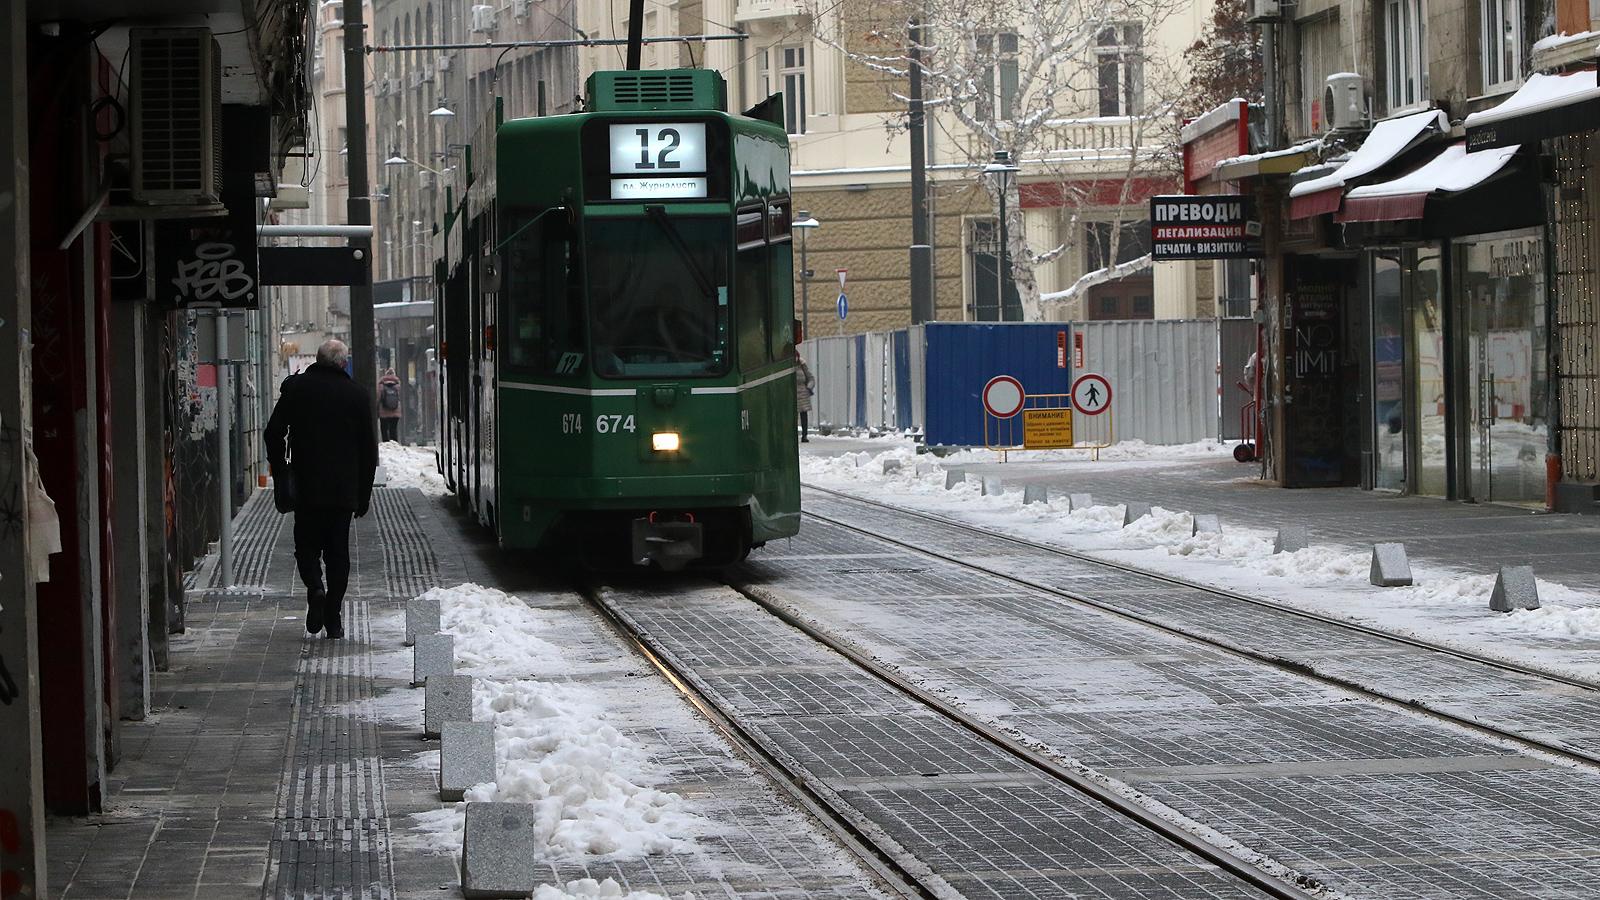 """Трамваите по """"Графа"""" с номера 8, 10, 12 се движат от 4.00 часа тази сутрин по обичайното разписание, а временният автобус 10 ТМ се закрива."""